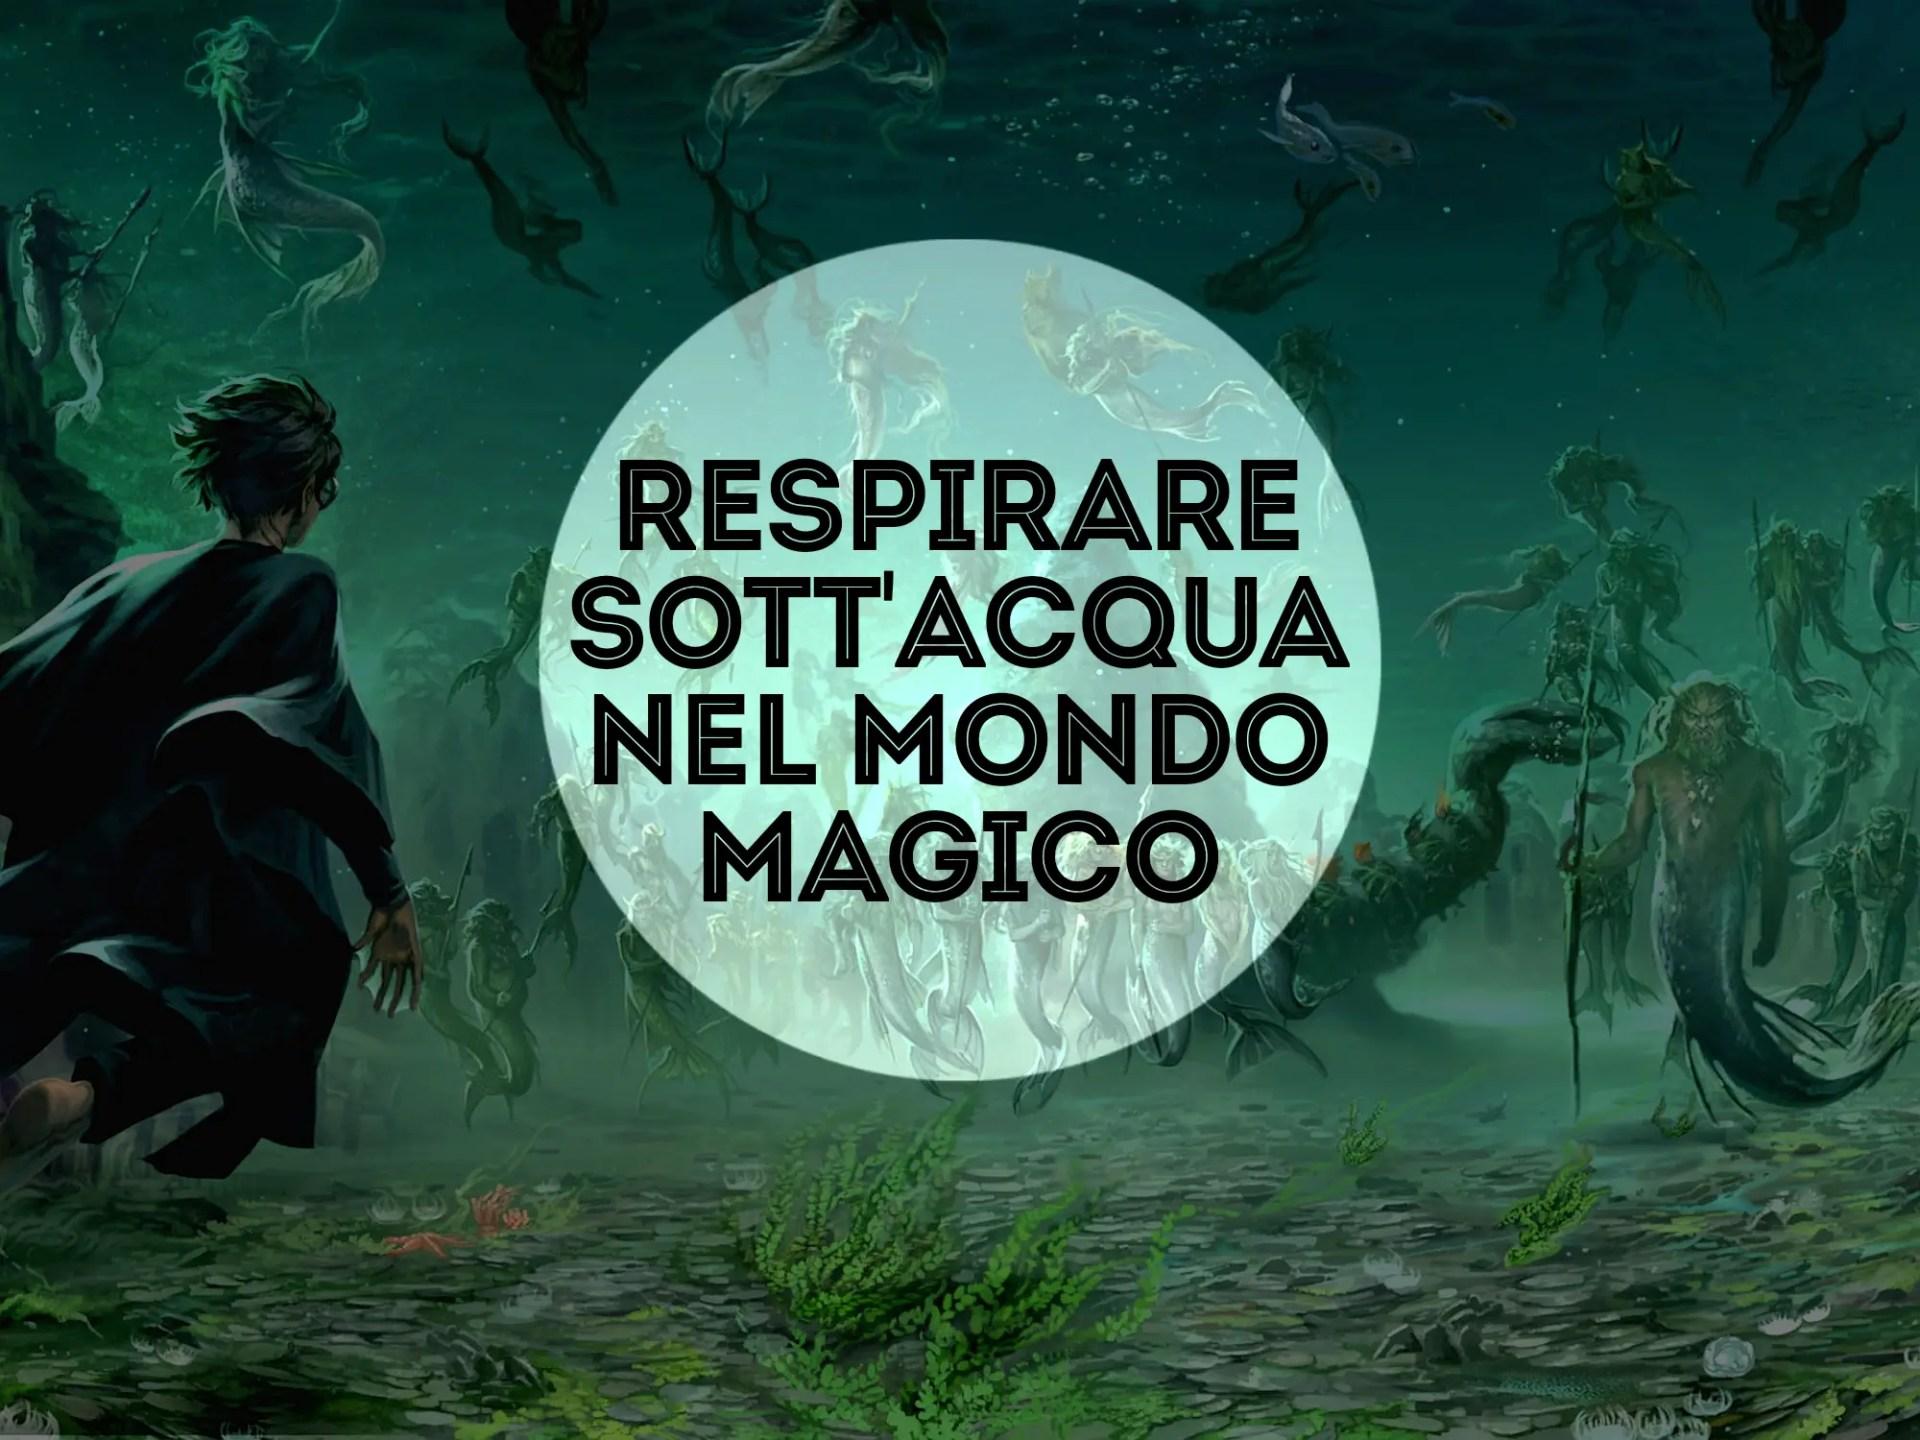 RESPIRARE SOTT'ACQUA NEL MONDO MAGICO